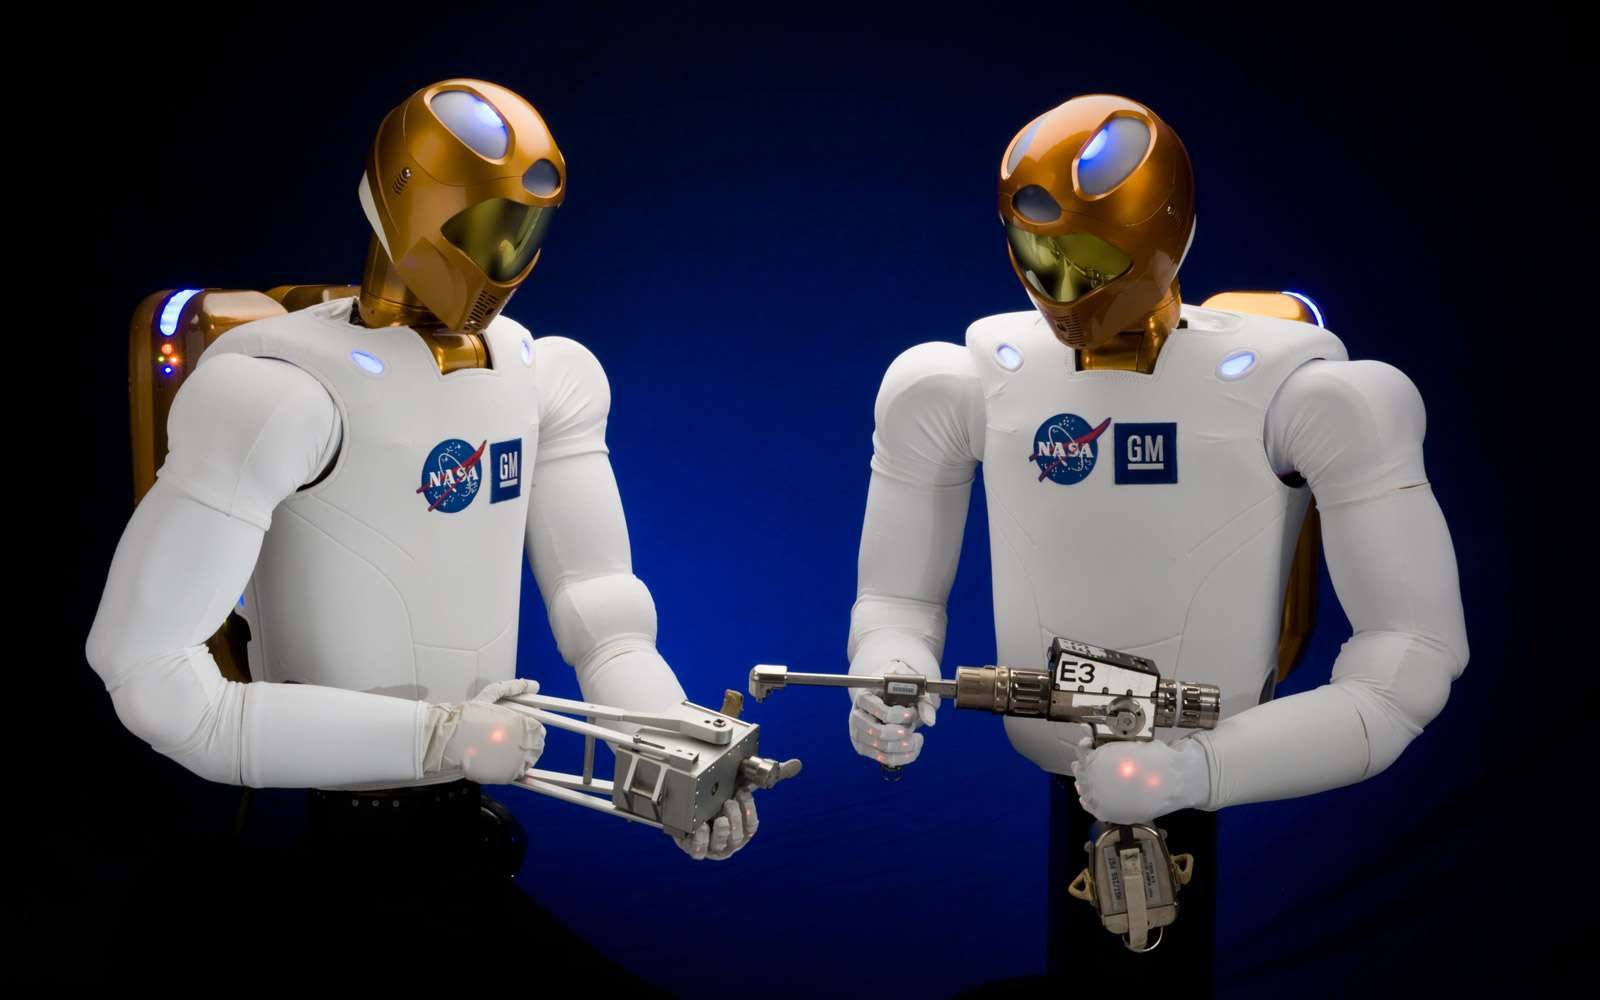 Le robot R2 est conçu pour travailler à côté d'humains, qu'il s'agisse d'astronautes en orbite ou d'ouvriers dans les usines de General Motors. Crédit Nasa / Johnson Space Center